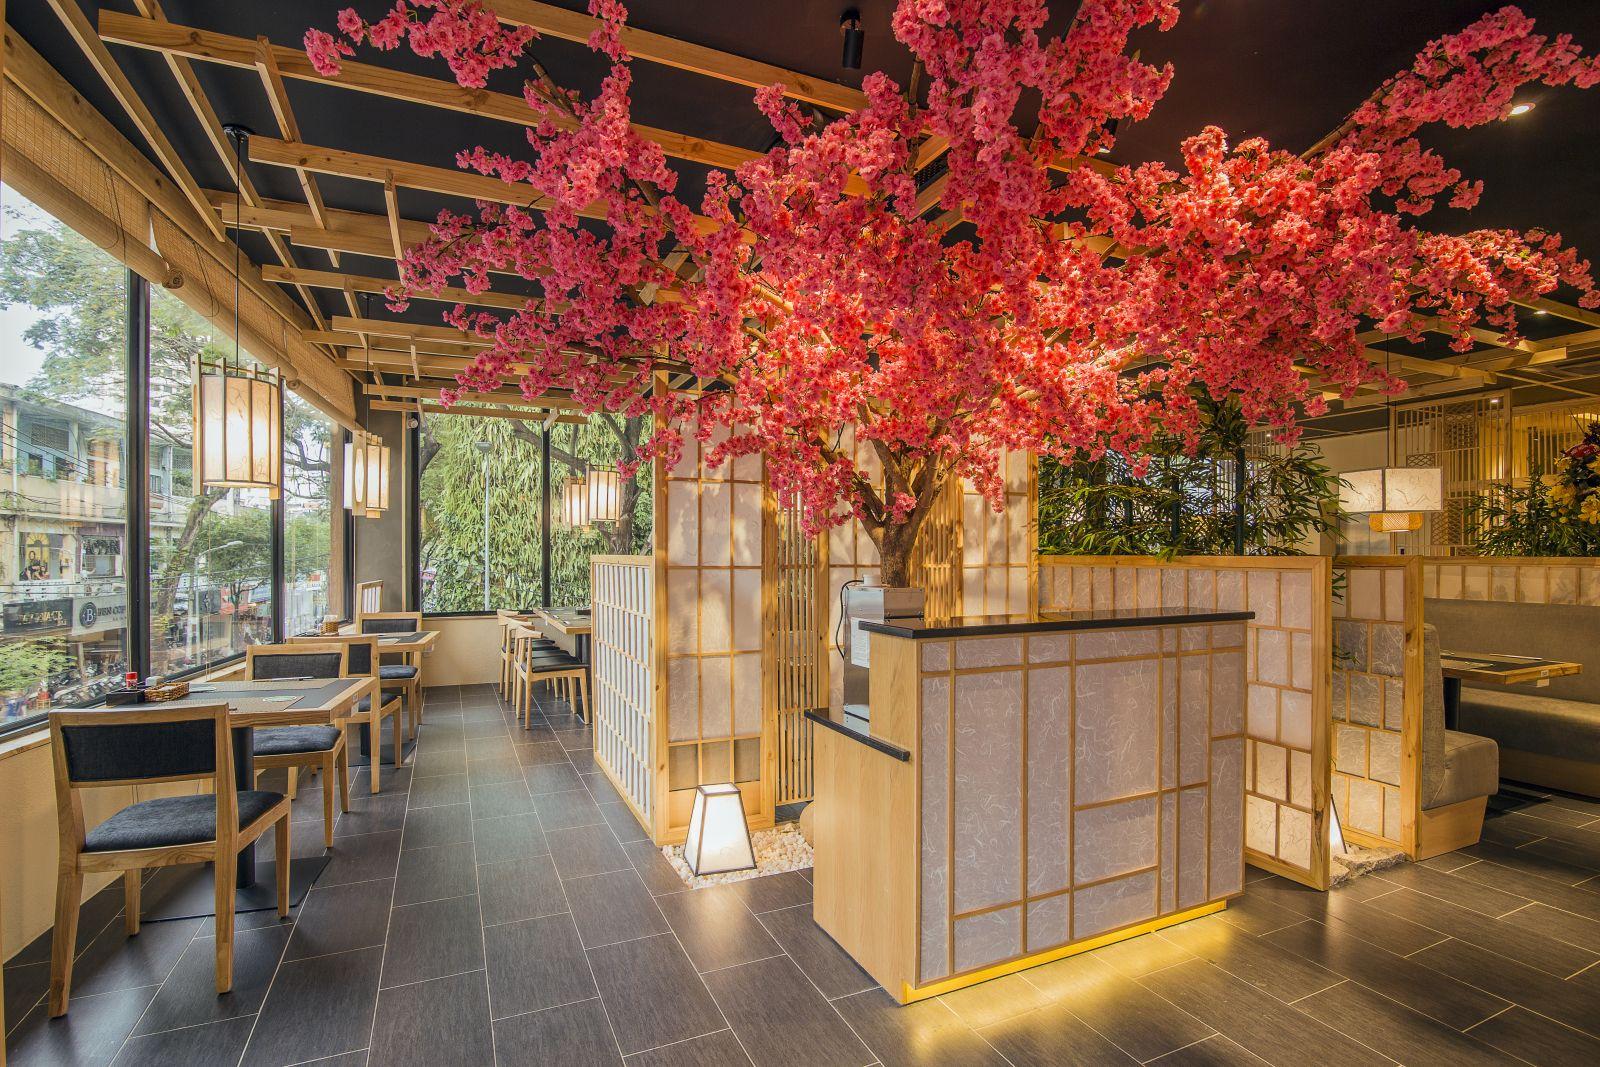 trang trí nội thất nhà hàng bằng cây hoa anh đào